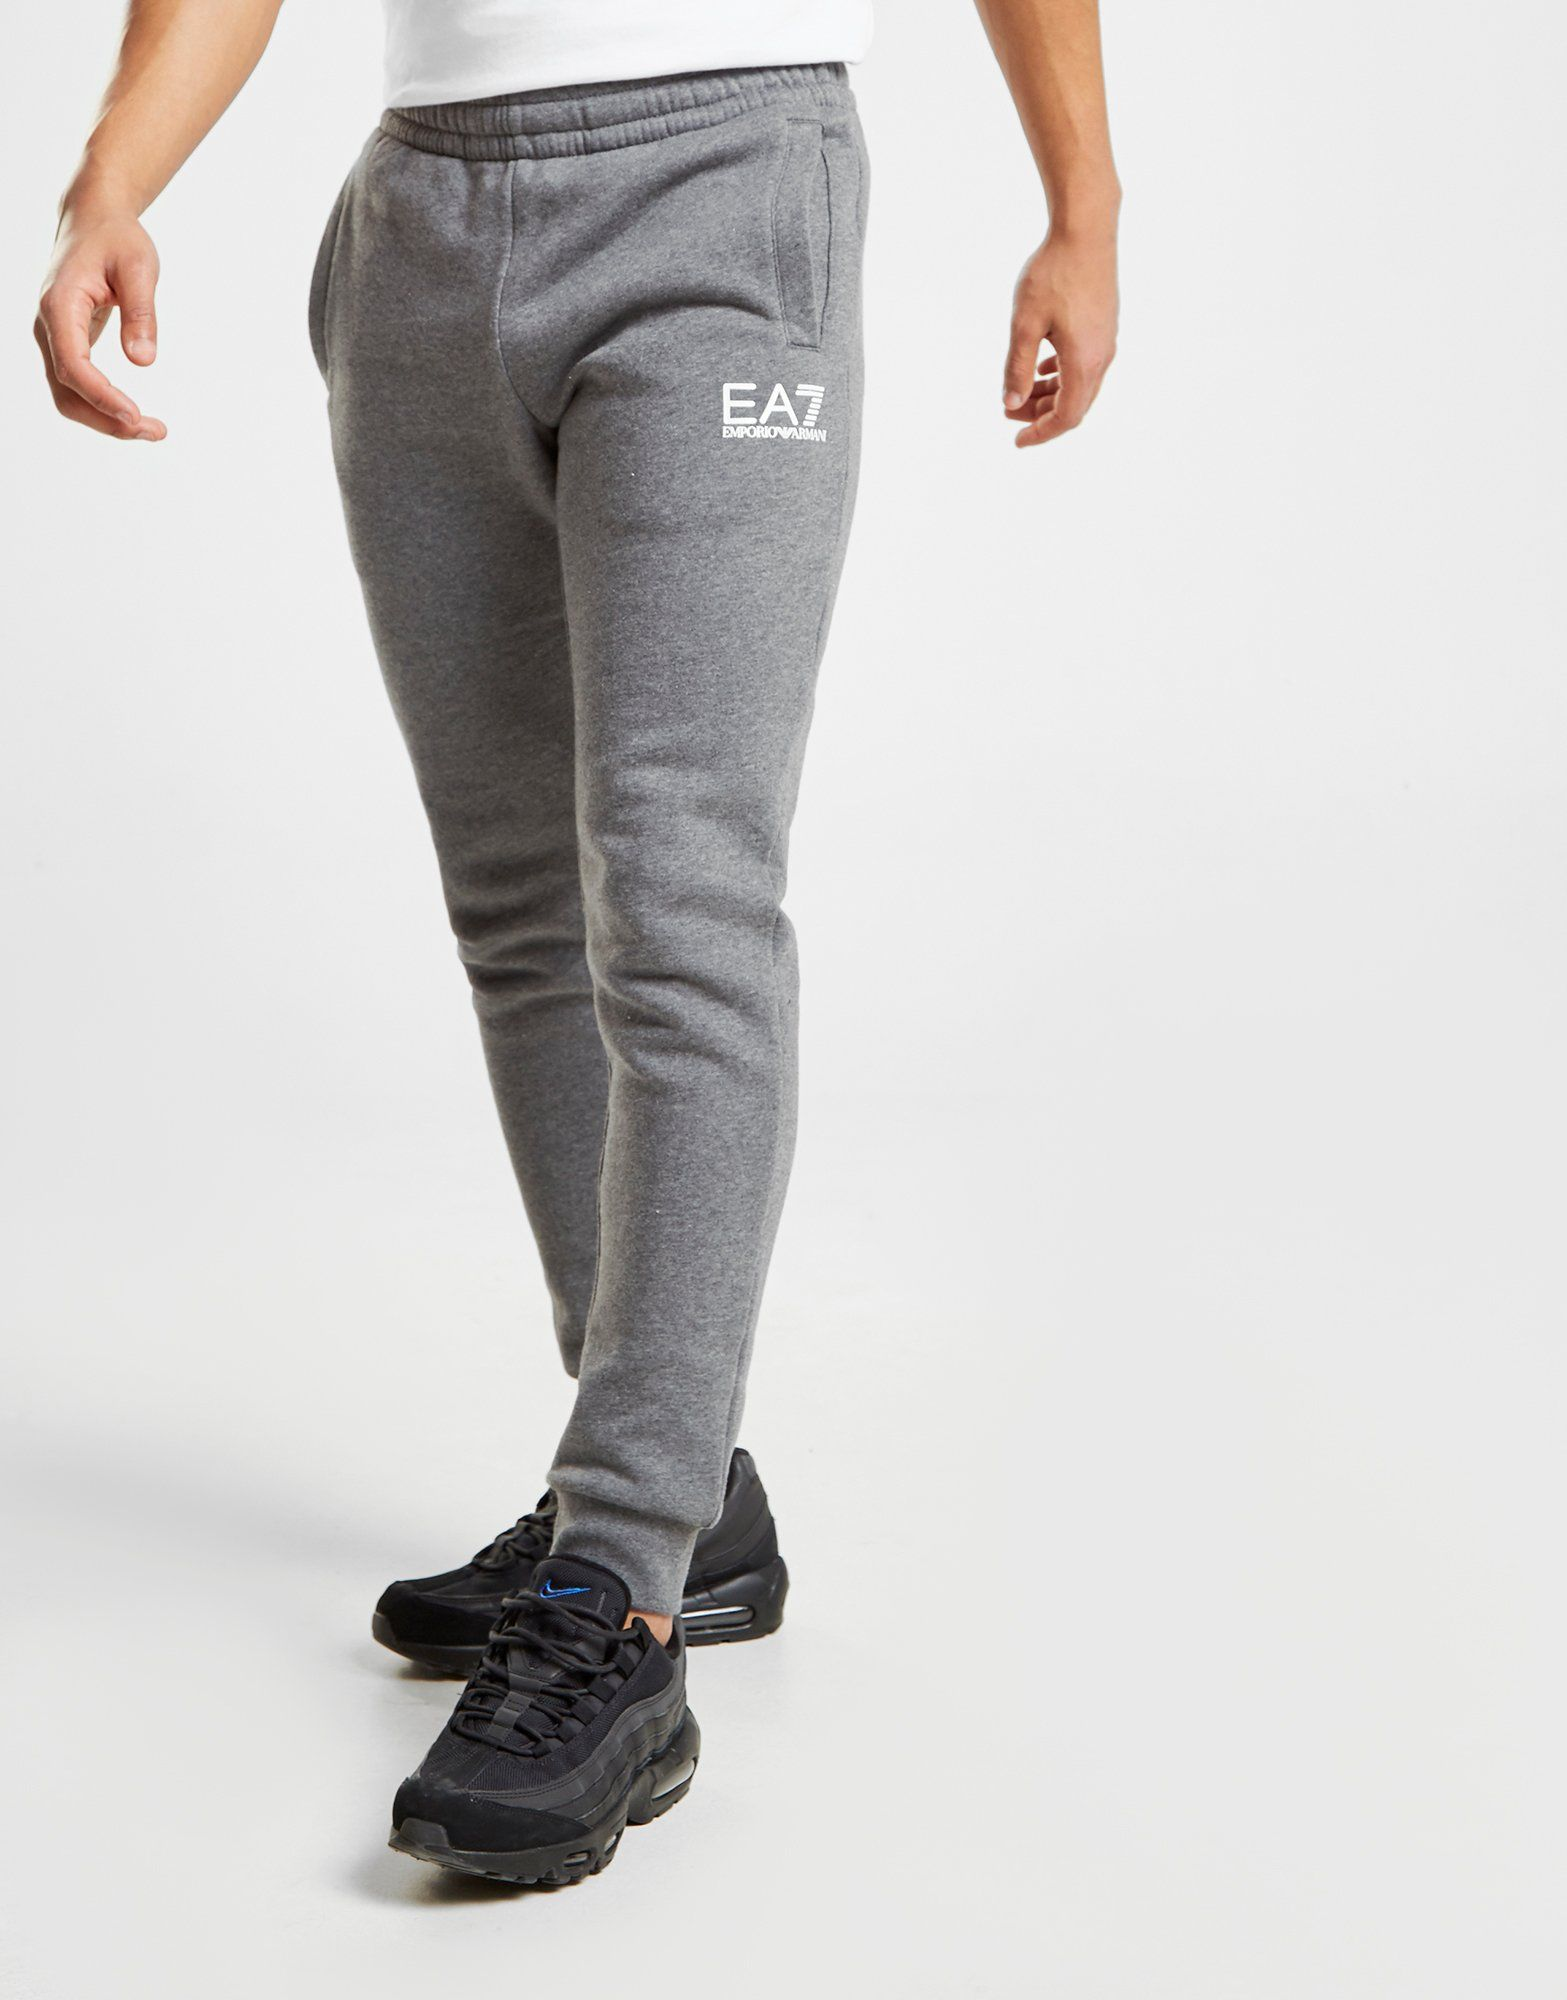 Emporio Armani EA7 Core Fleece Track Pants